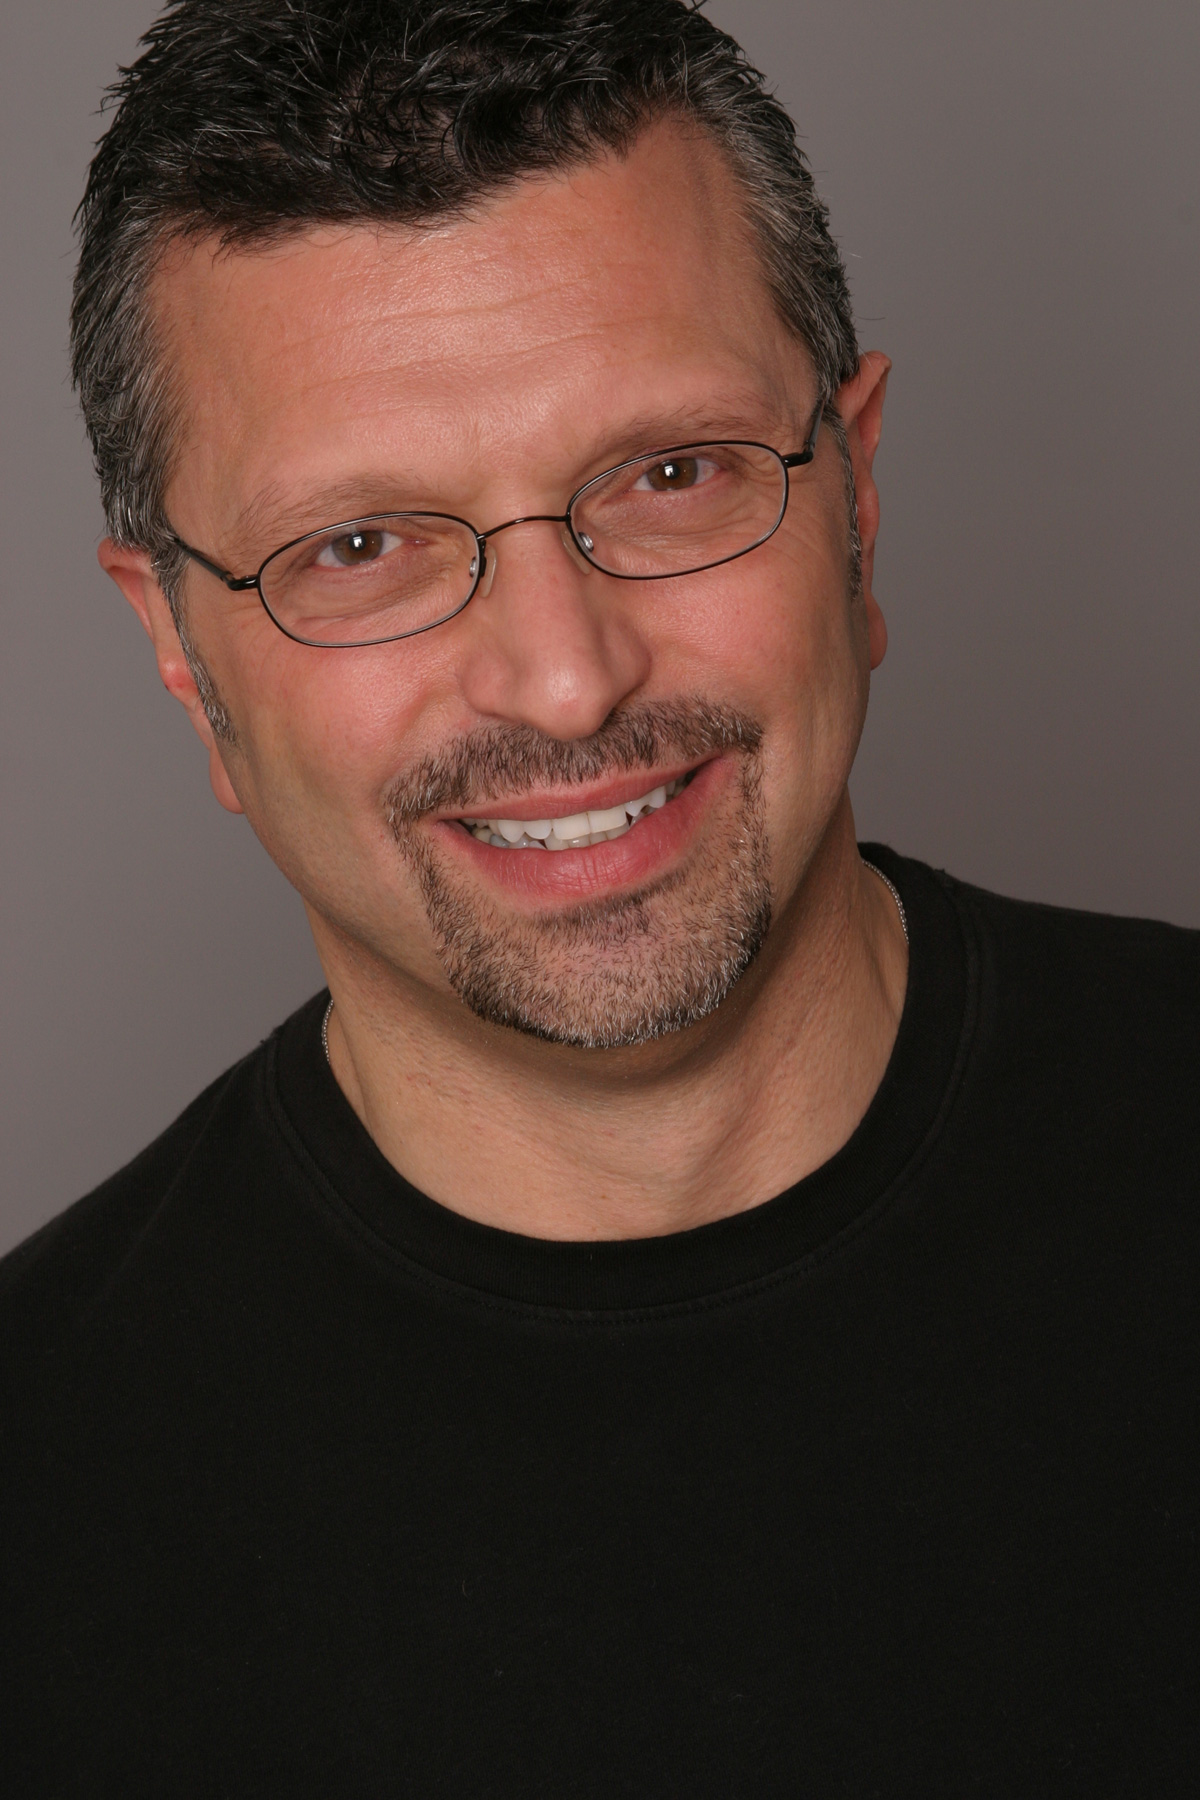 Tom Asacker